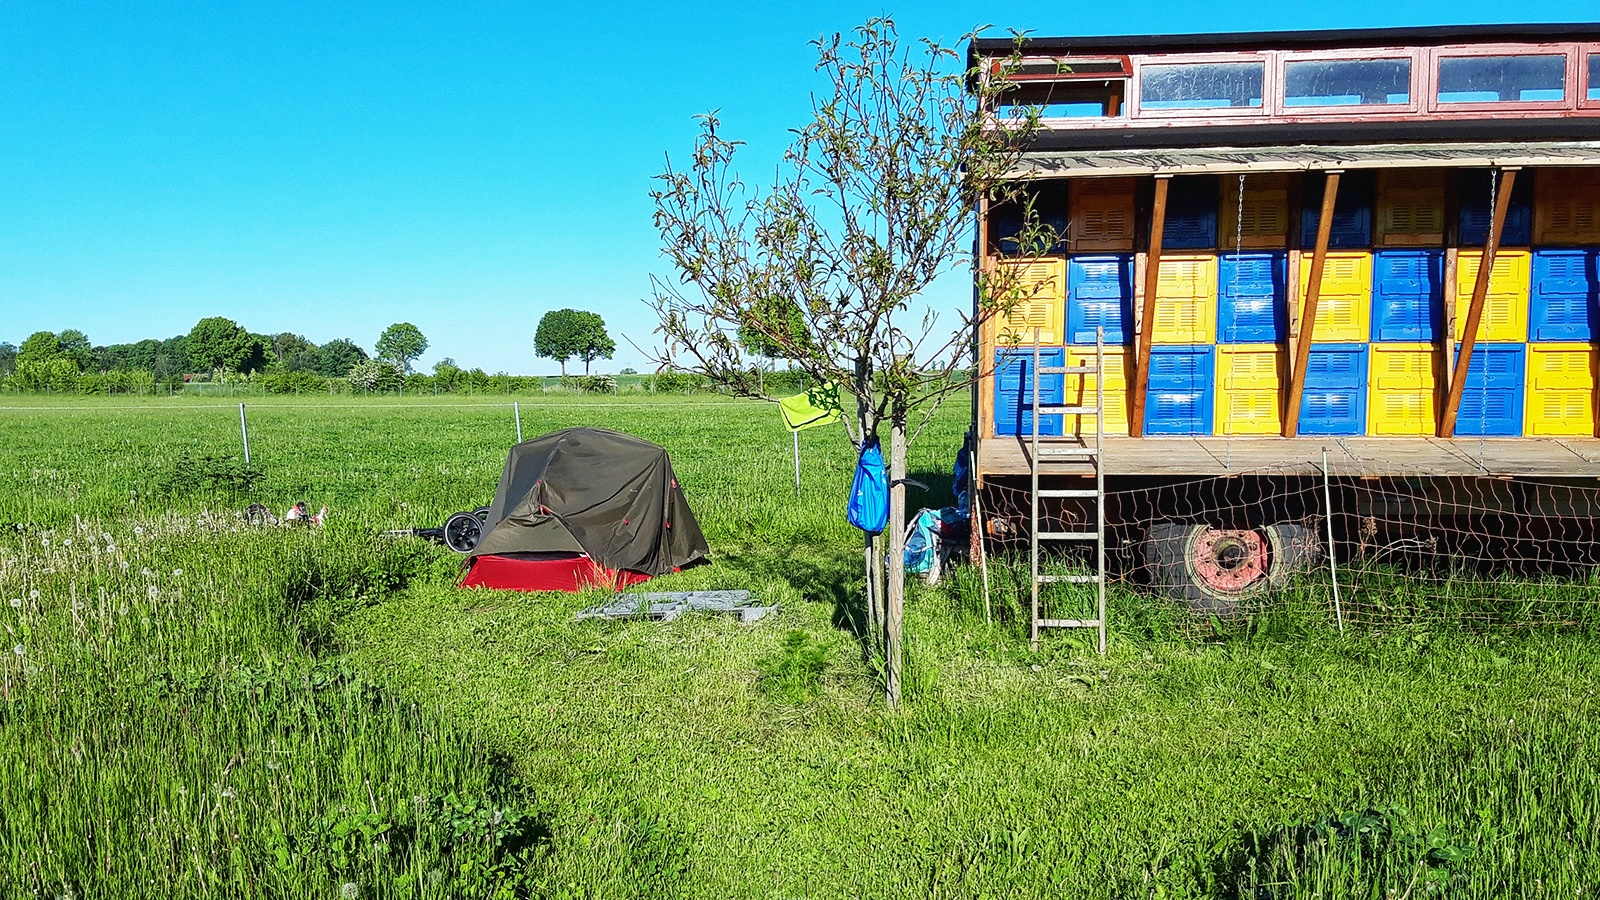 Kleines Zelt neben Imkerwagen auf Streuobstwiese